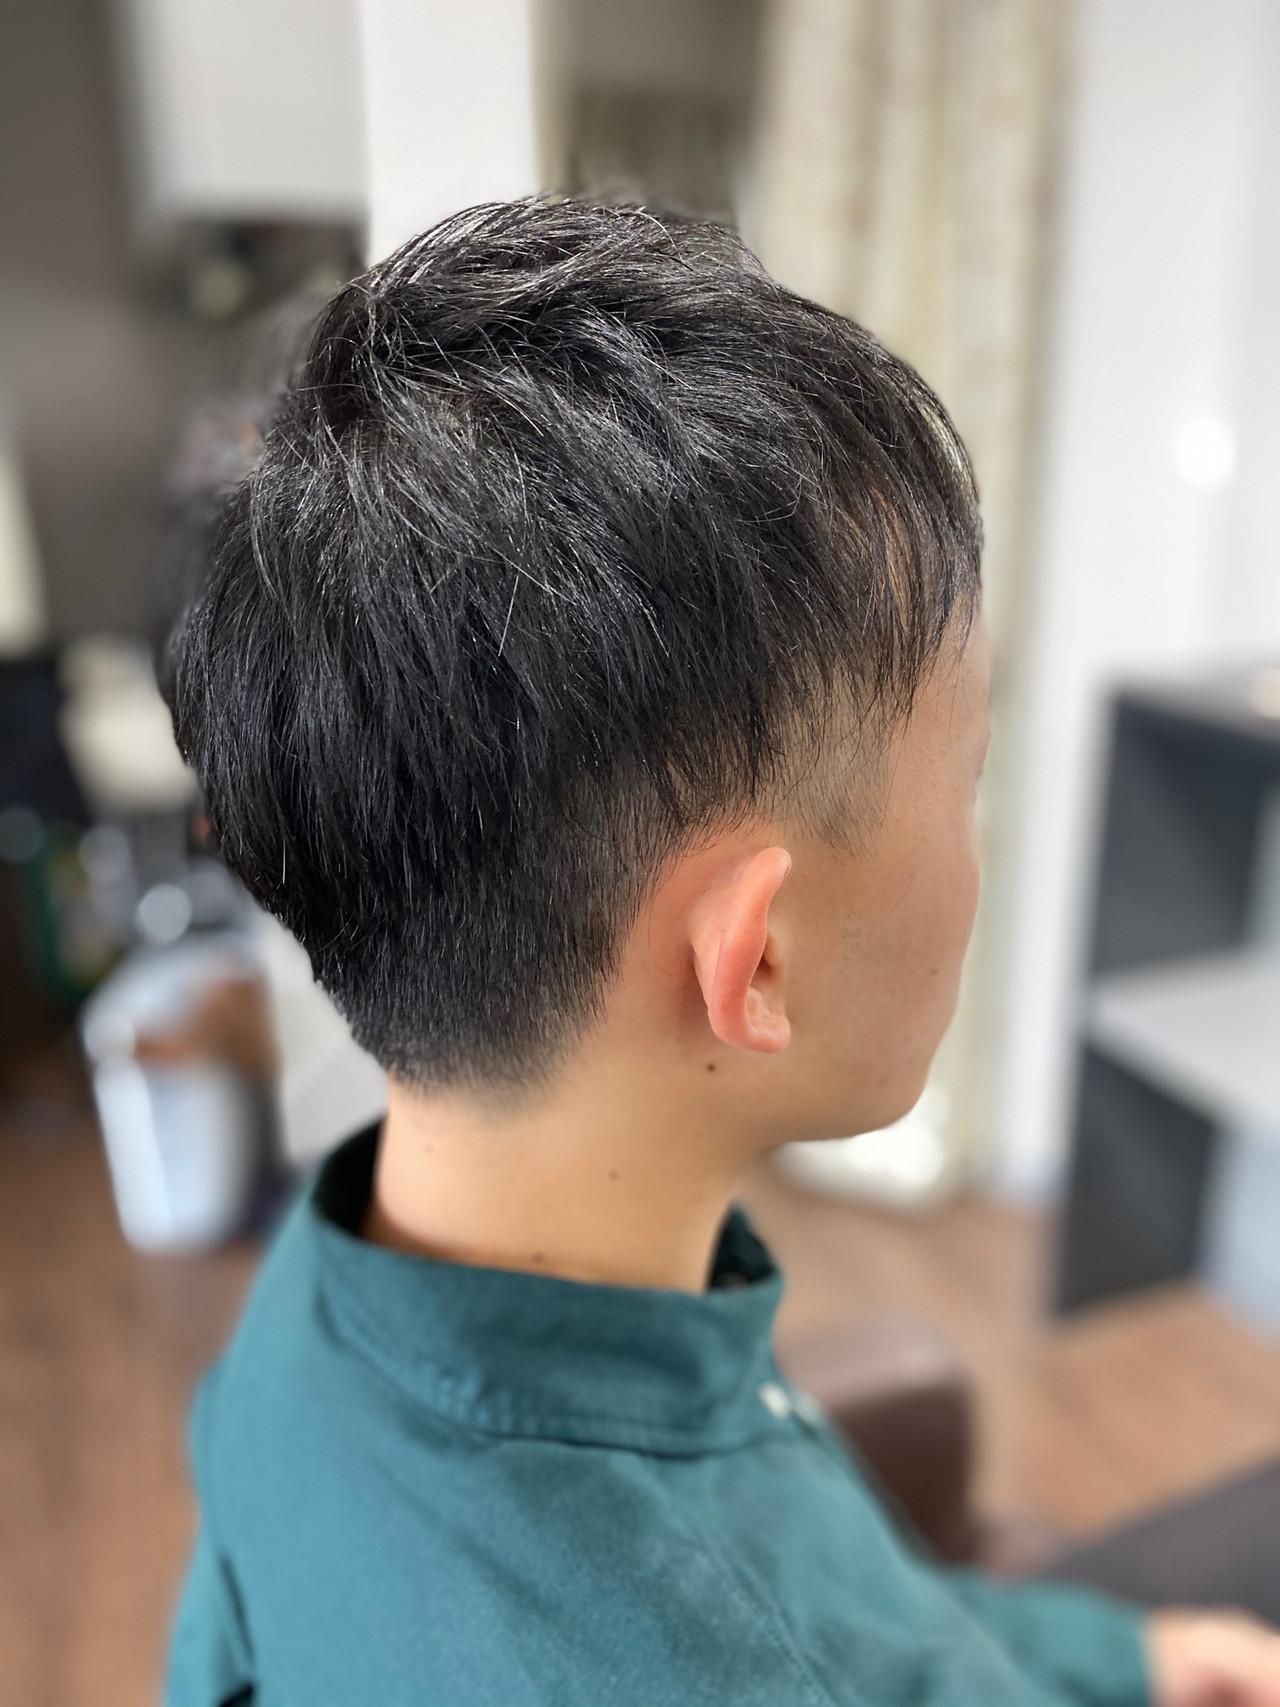 ツーブロック メンズショート メンズカット ストリート ヘアスタイルや髪型の写真・画像   エイ / aime